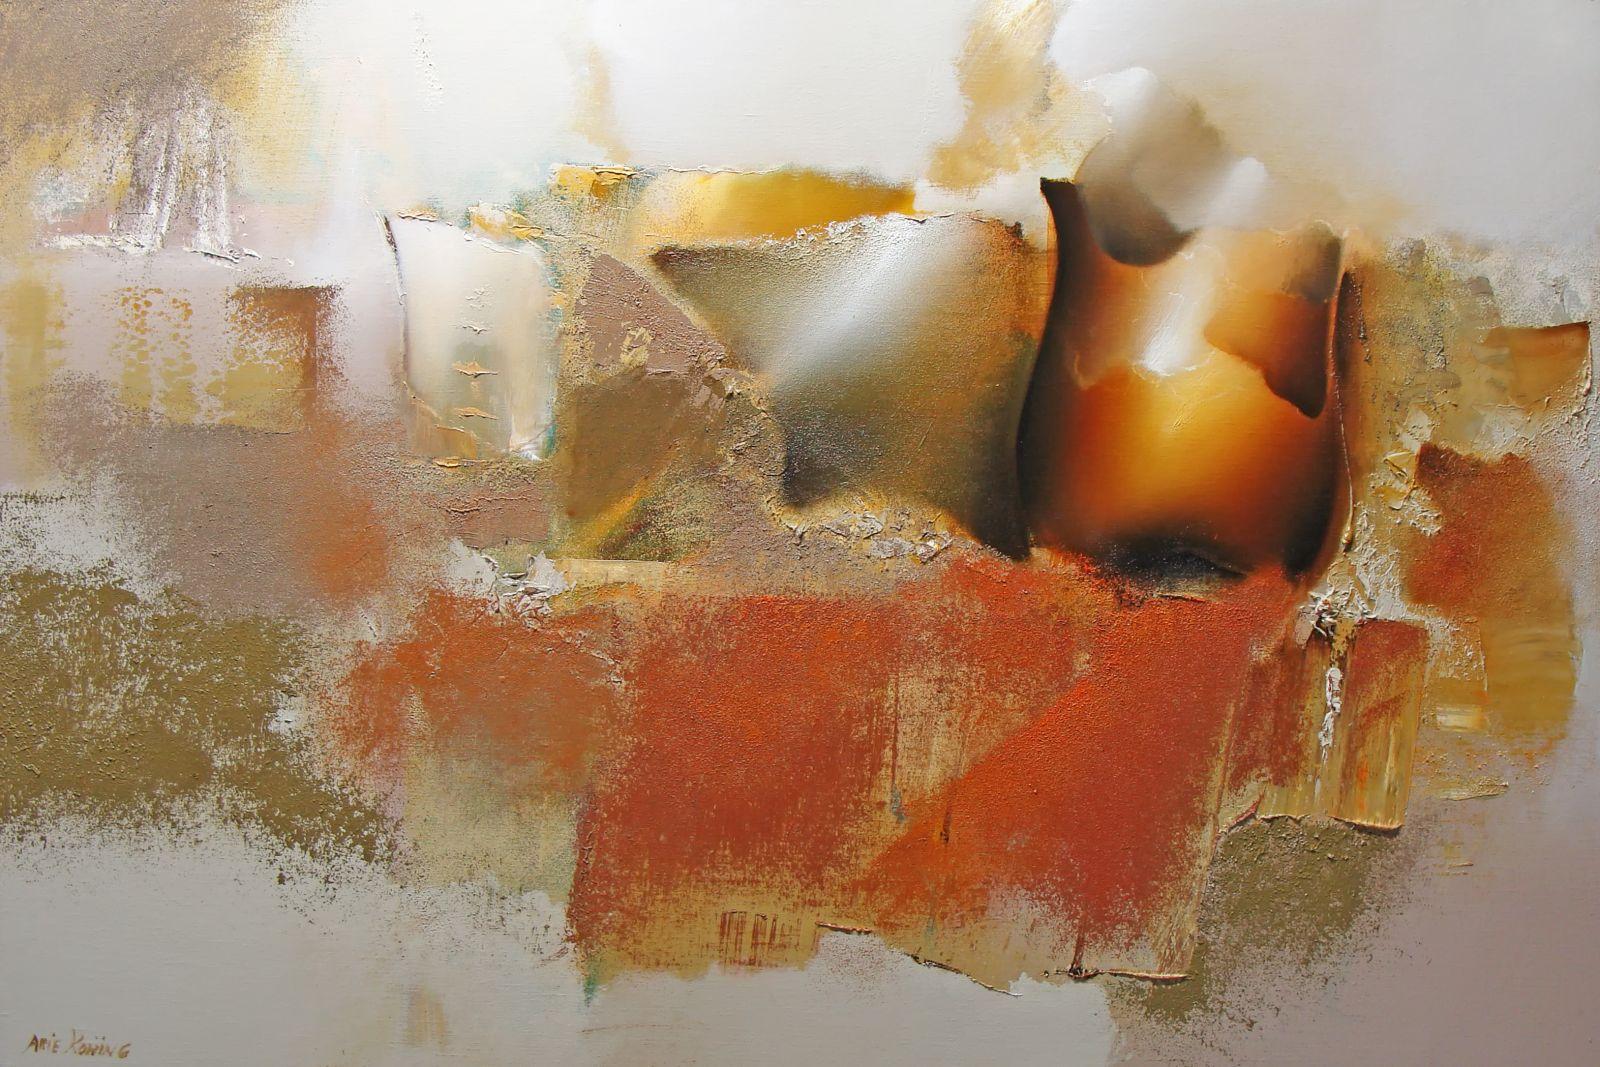 Arie koning over olieverf schilderijen met warme kleuren en zachte